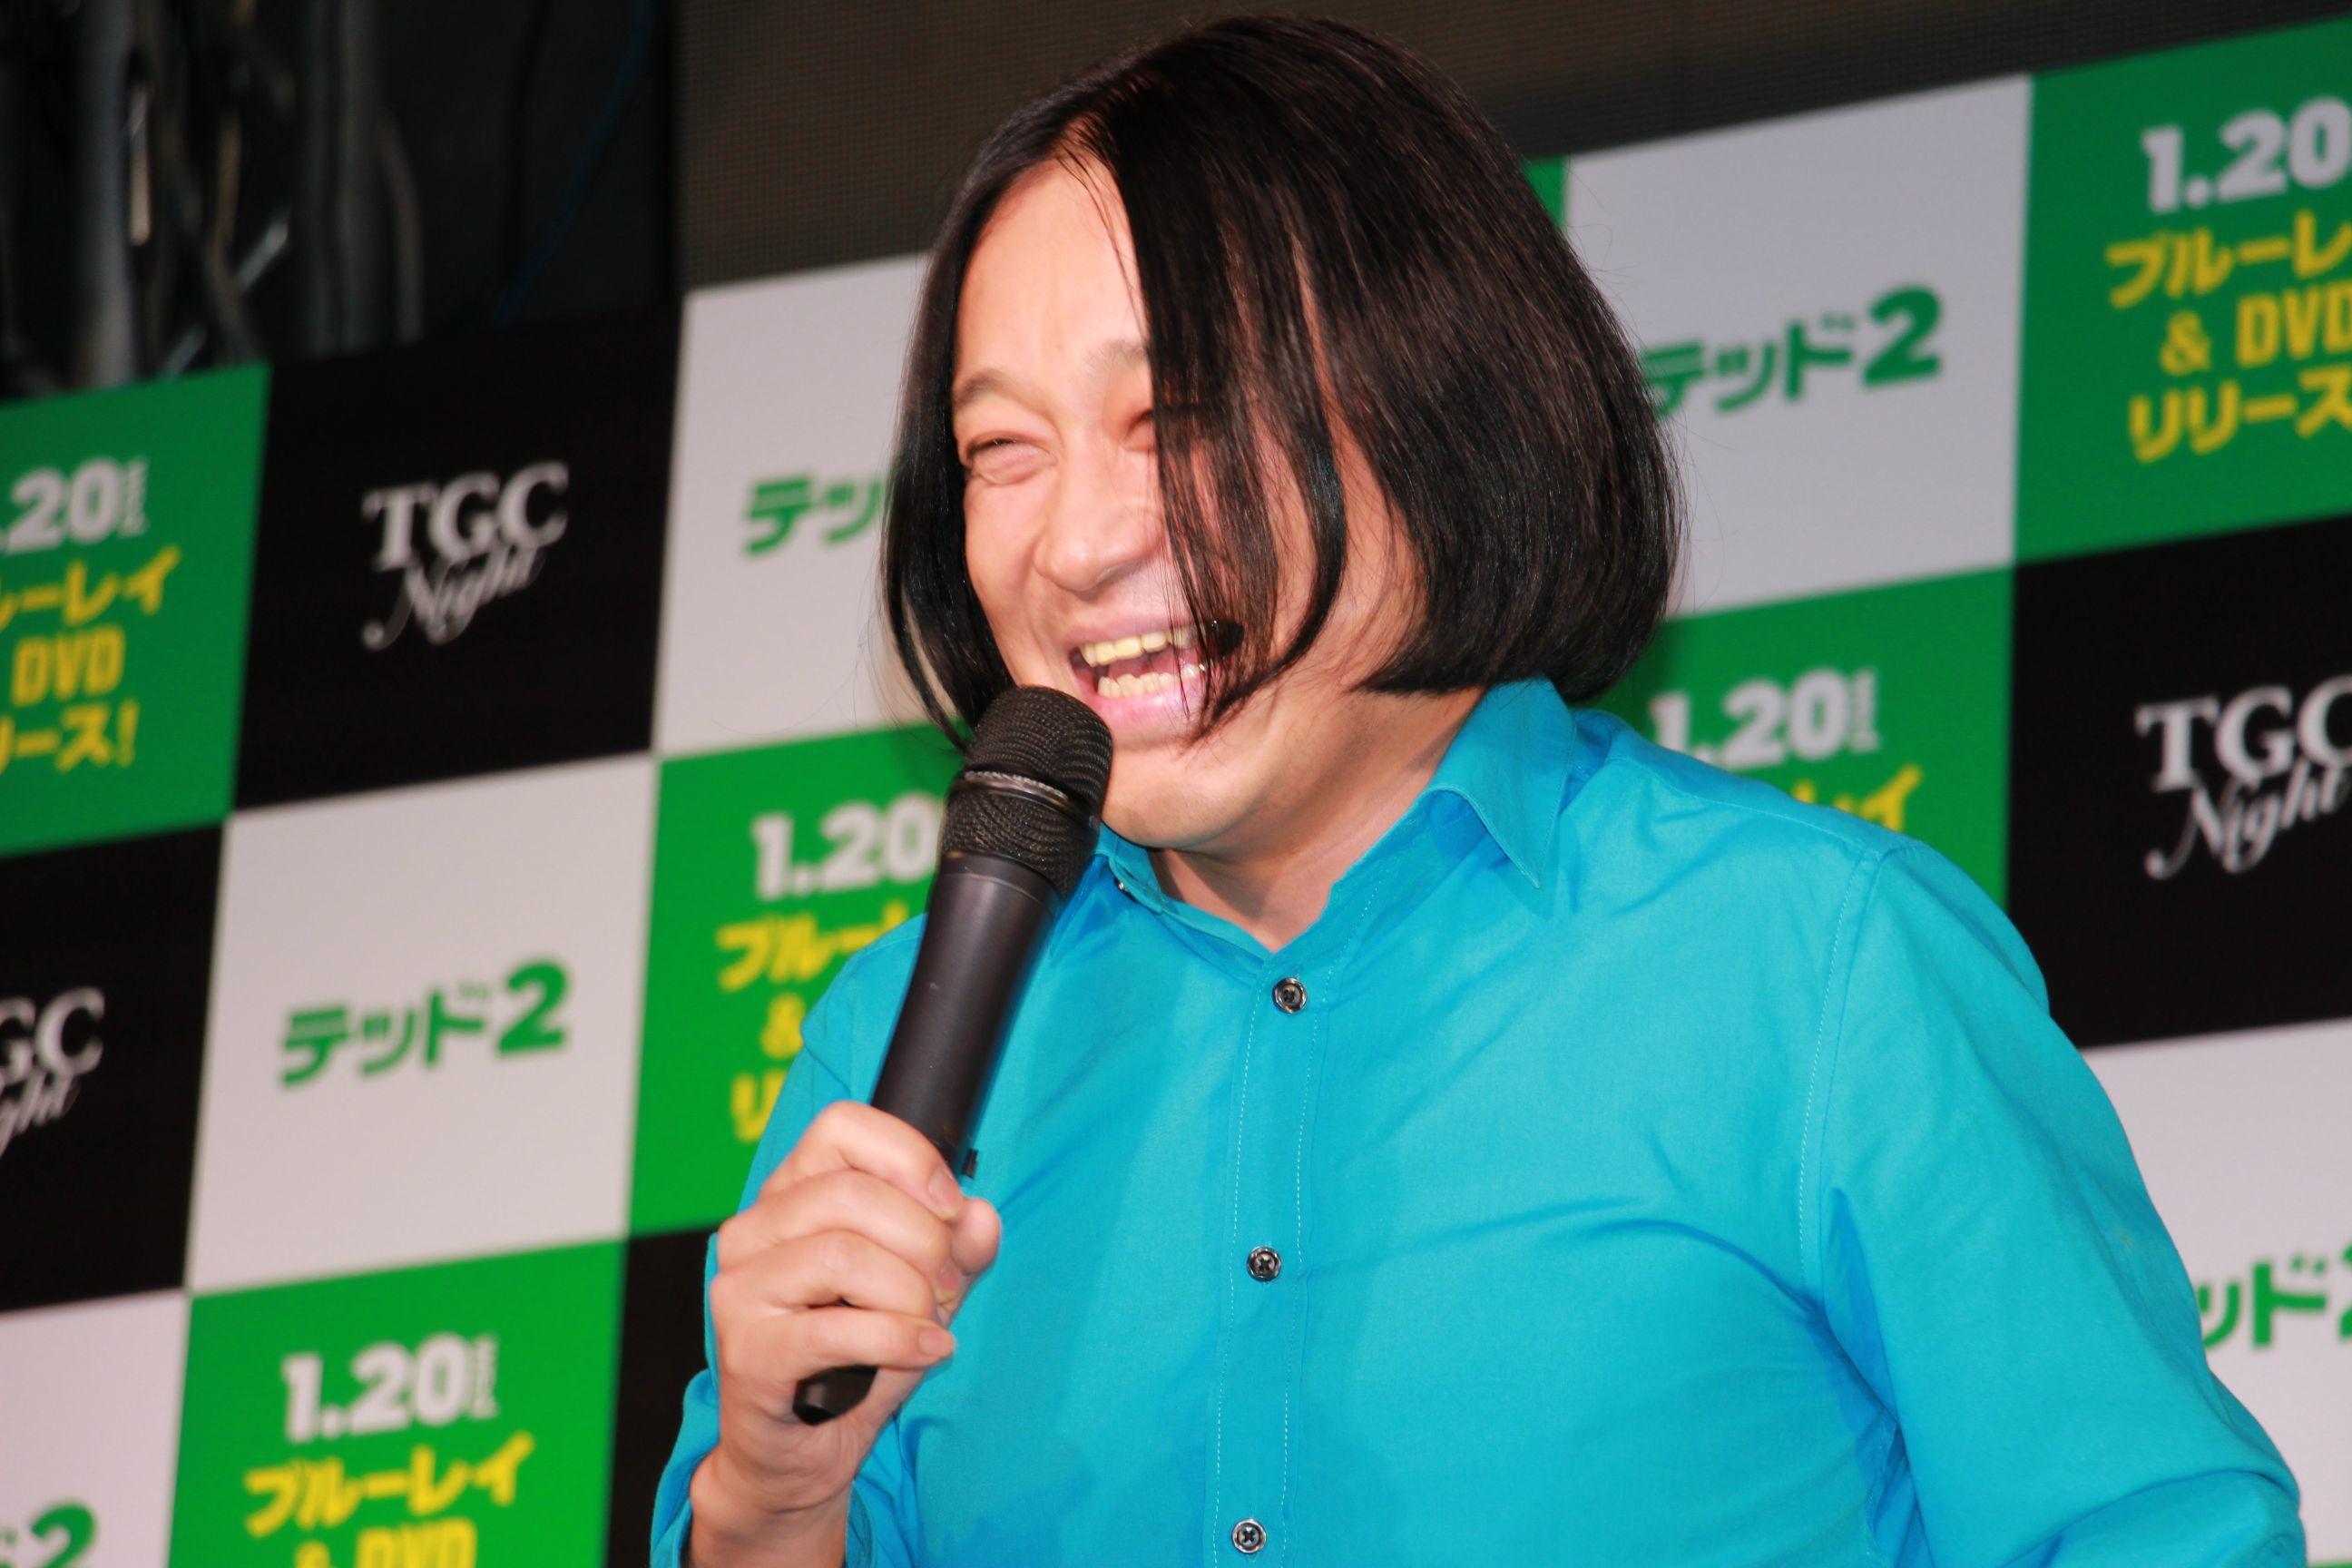 永野 (お笑い芸人)の画像 p1_22